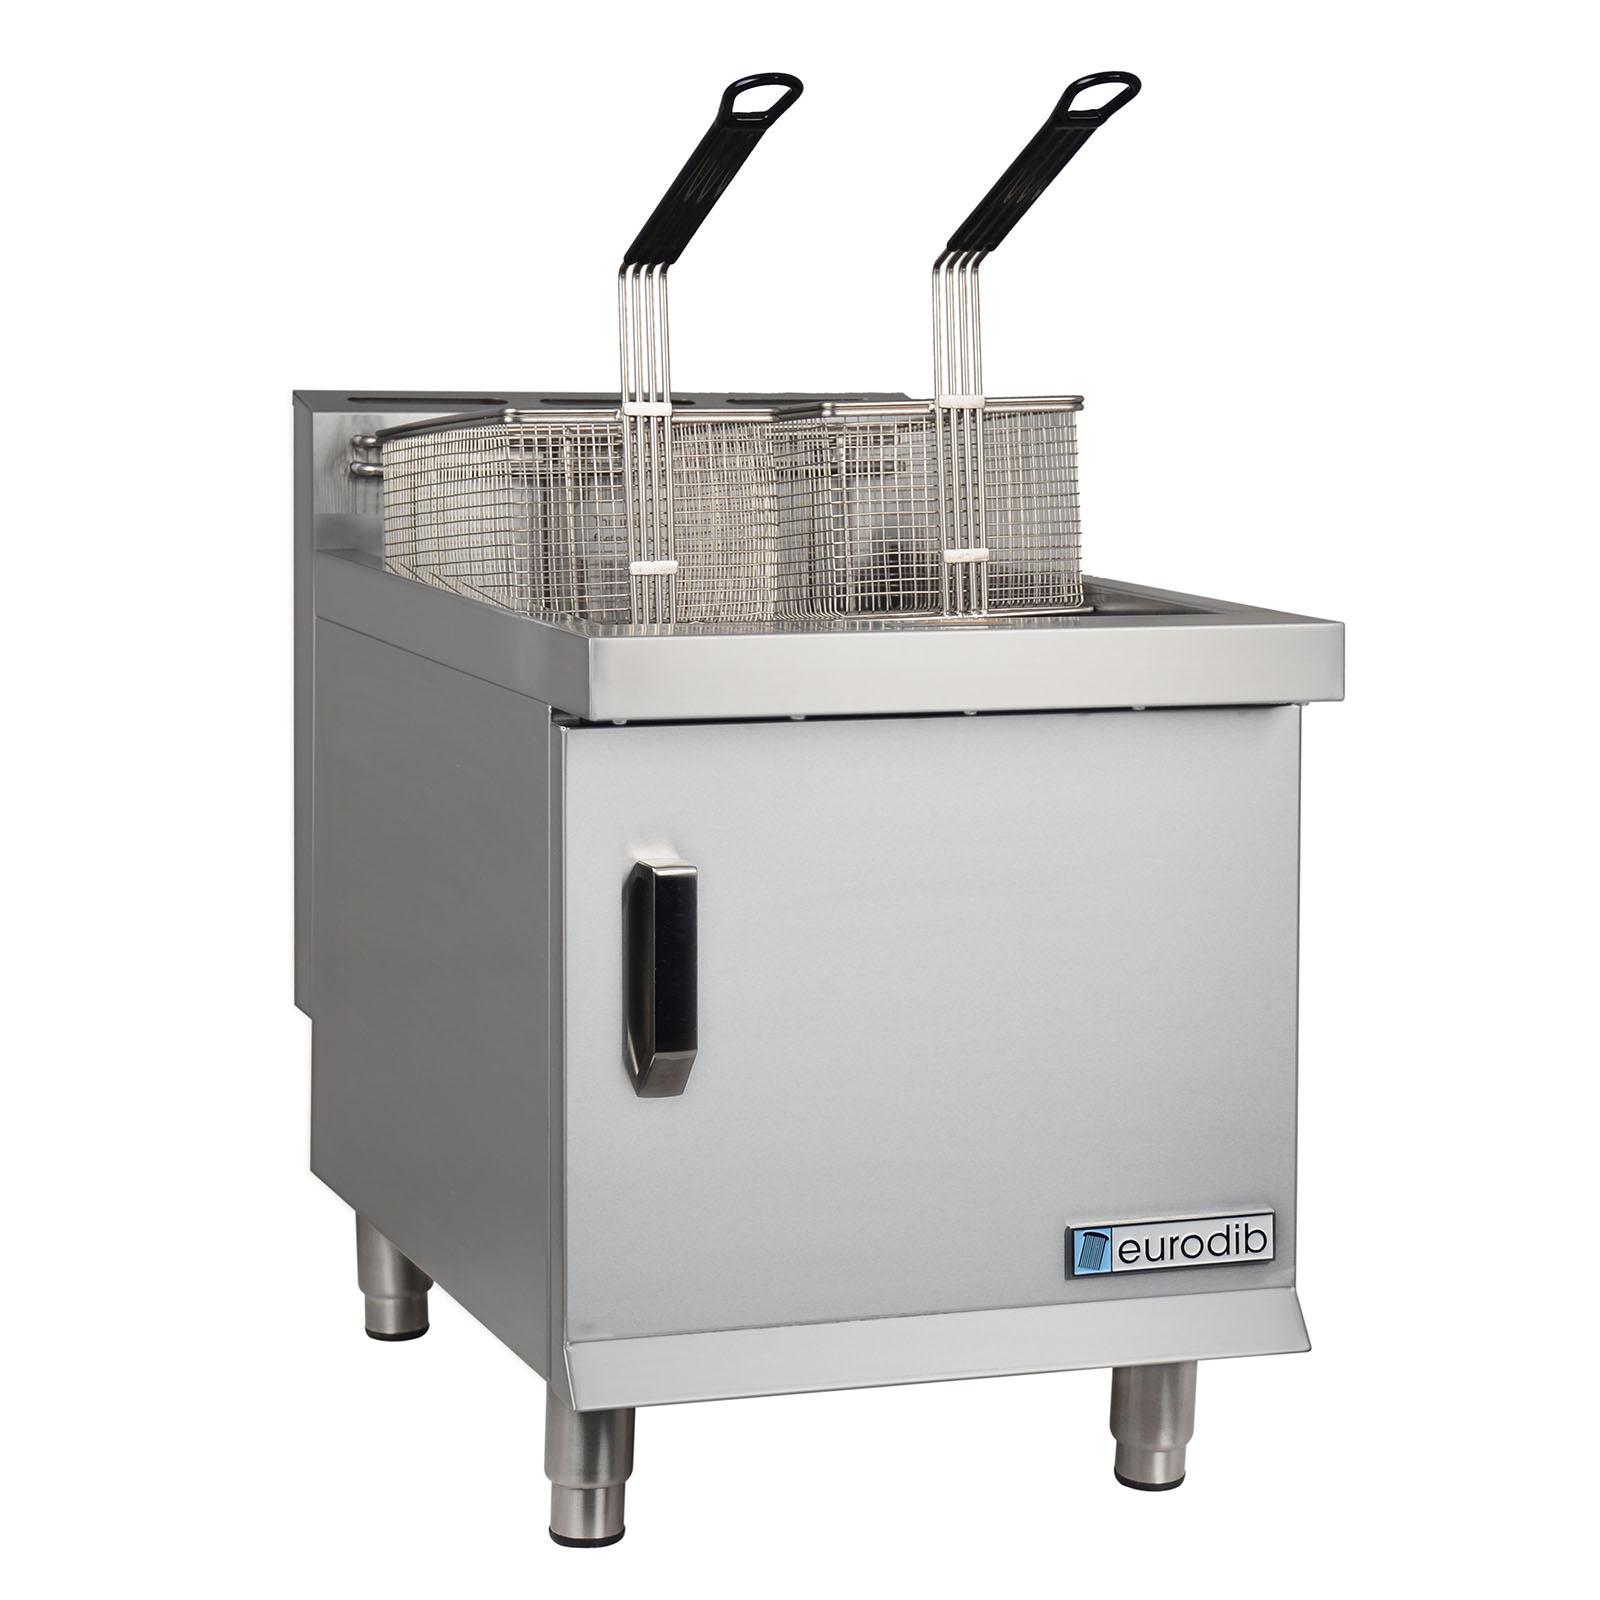 Eurodib USA CF30L fryer, gas, countertop, full pot